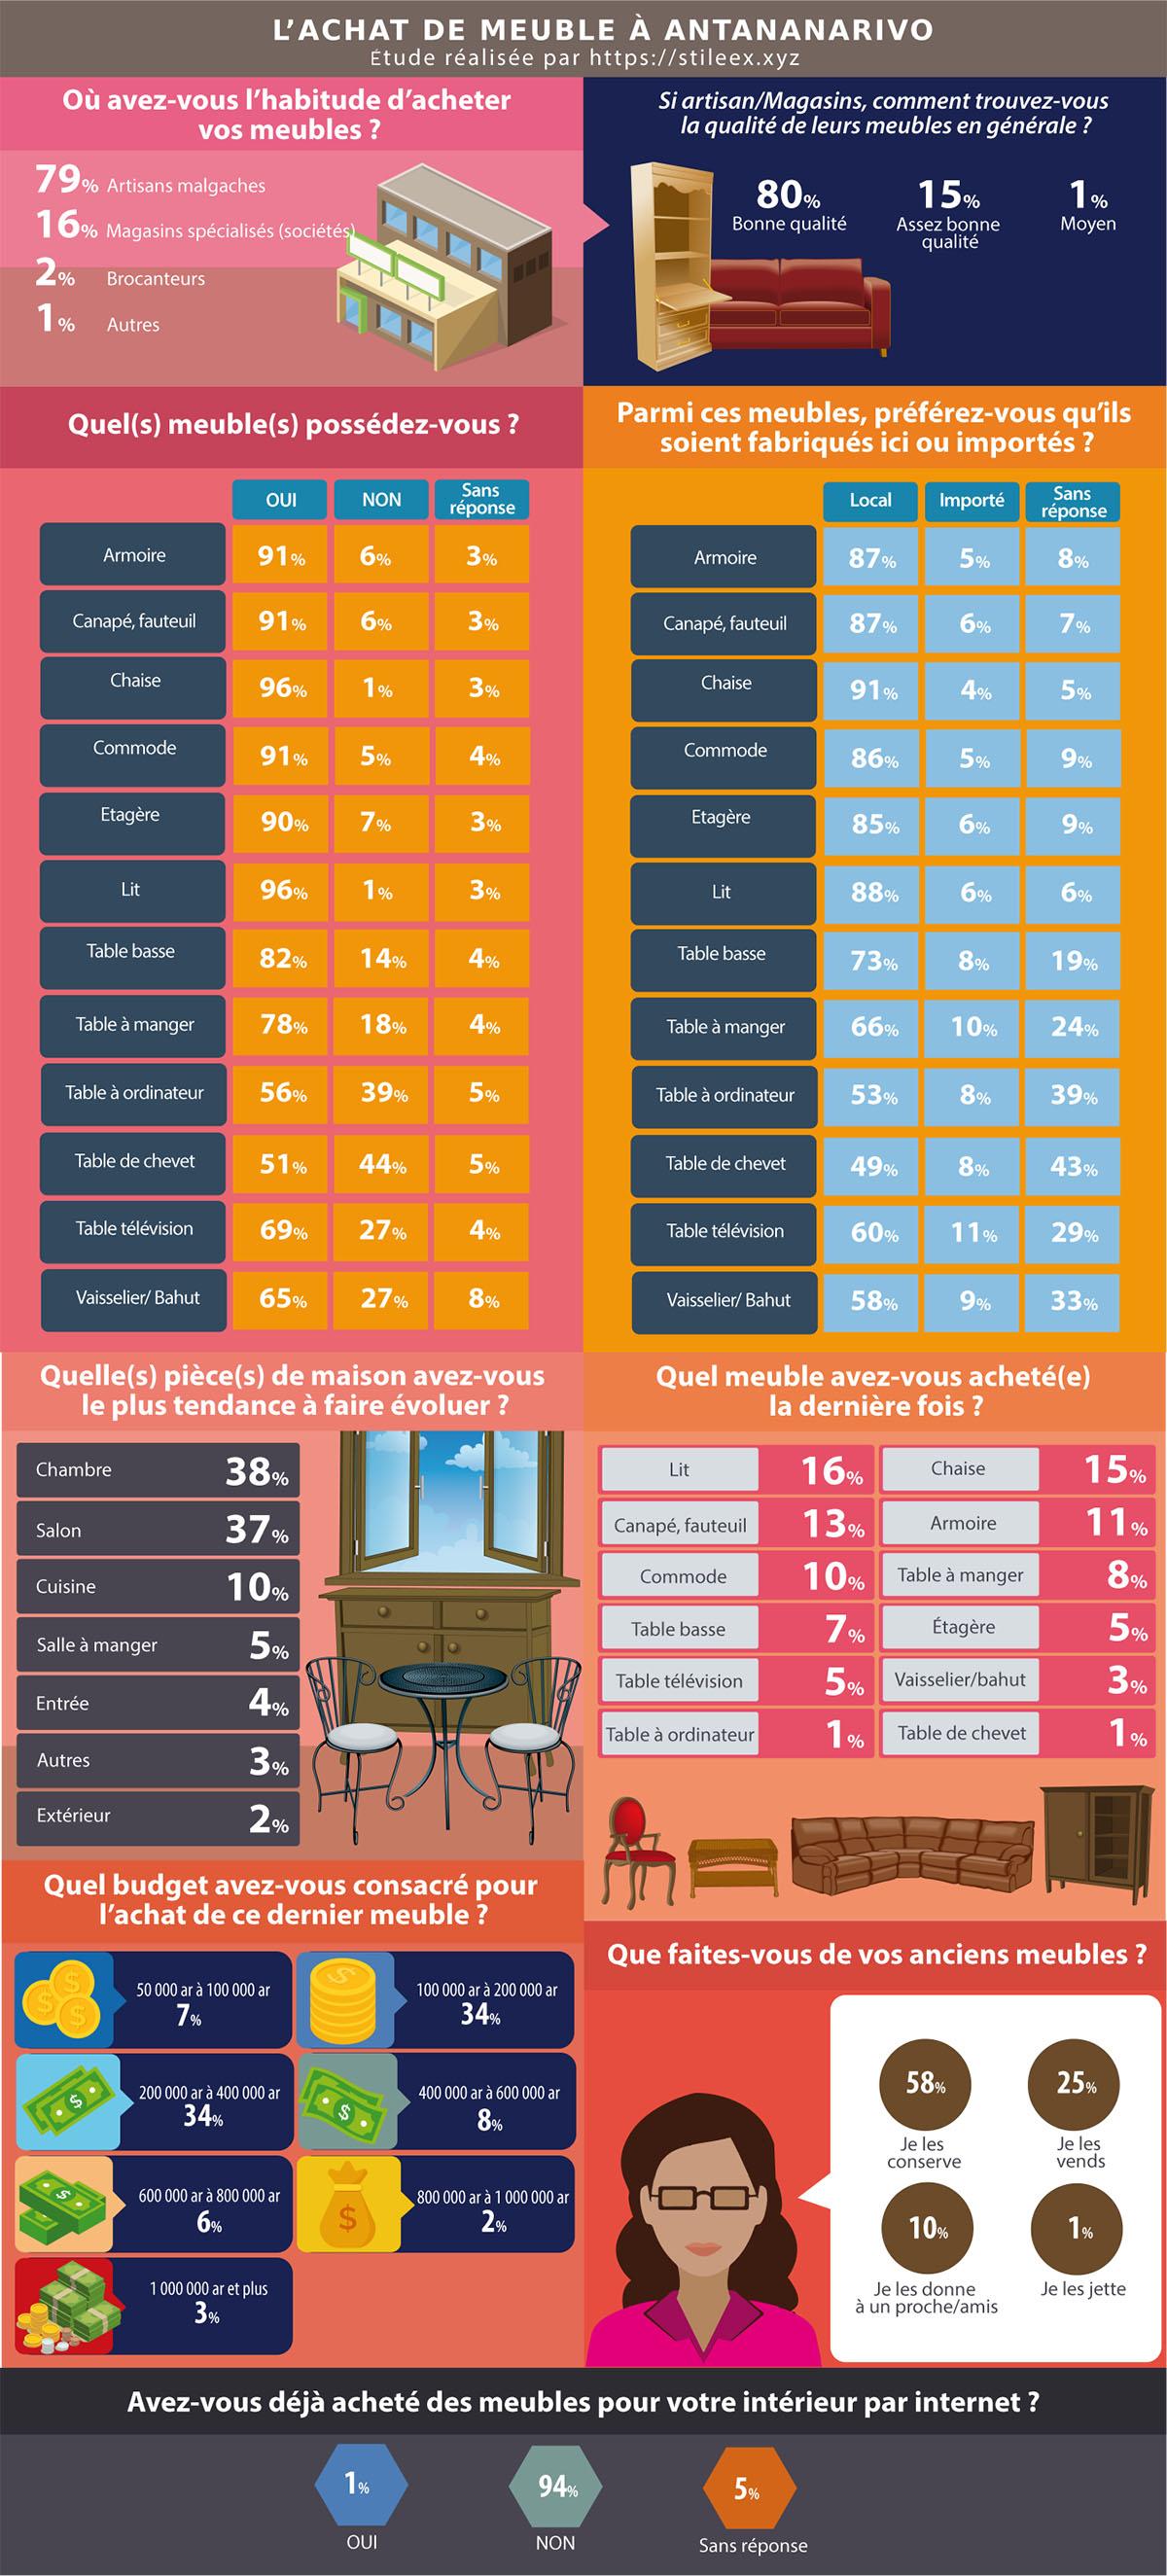 Les Tananariviens et les meubles